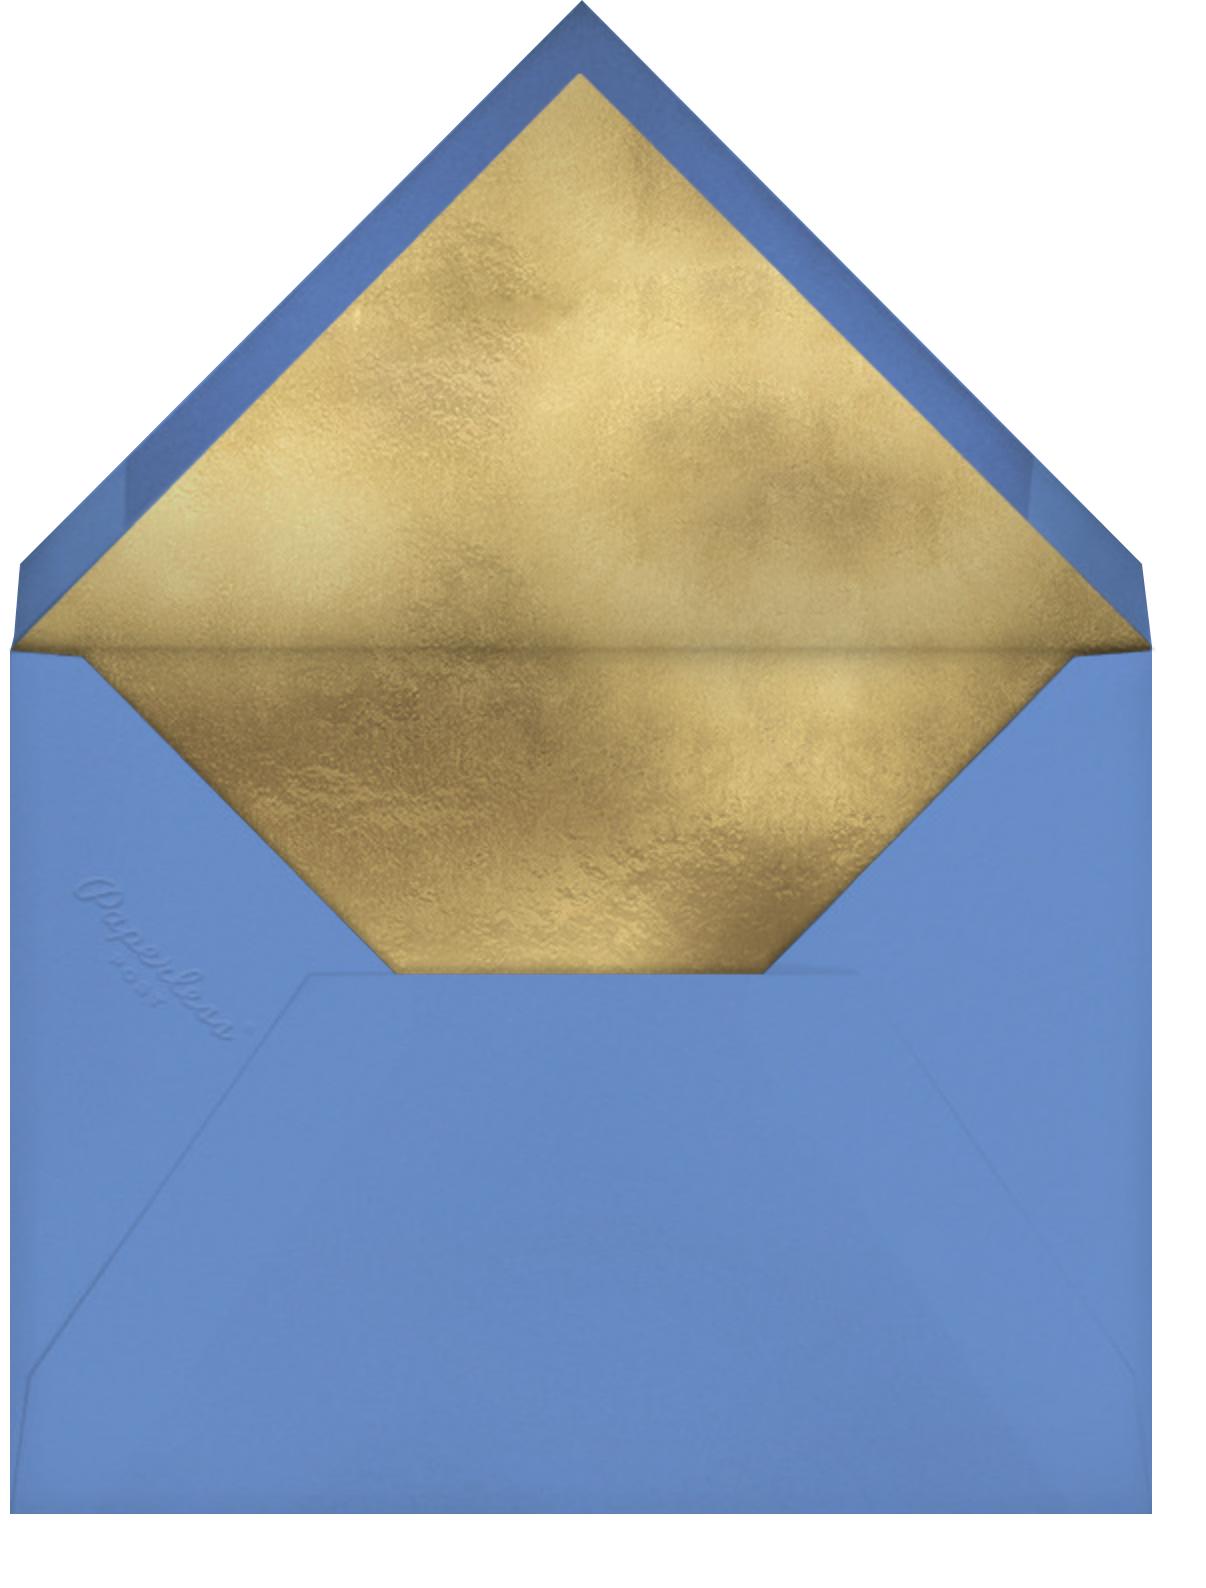 Poseidon - Jonathan Adler - Winter entertaining - envelope back